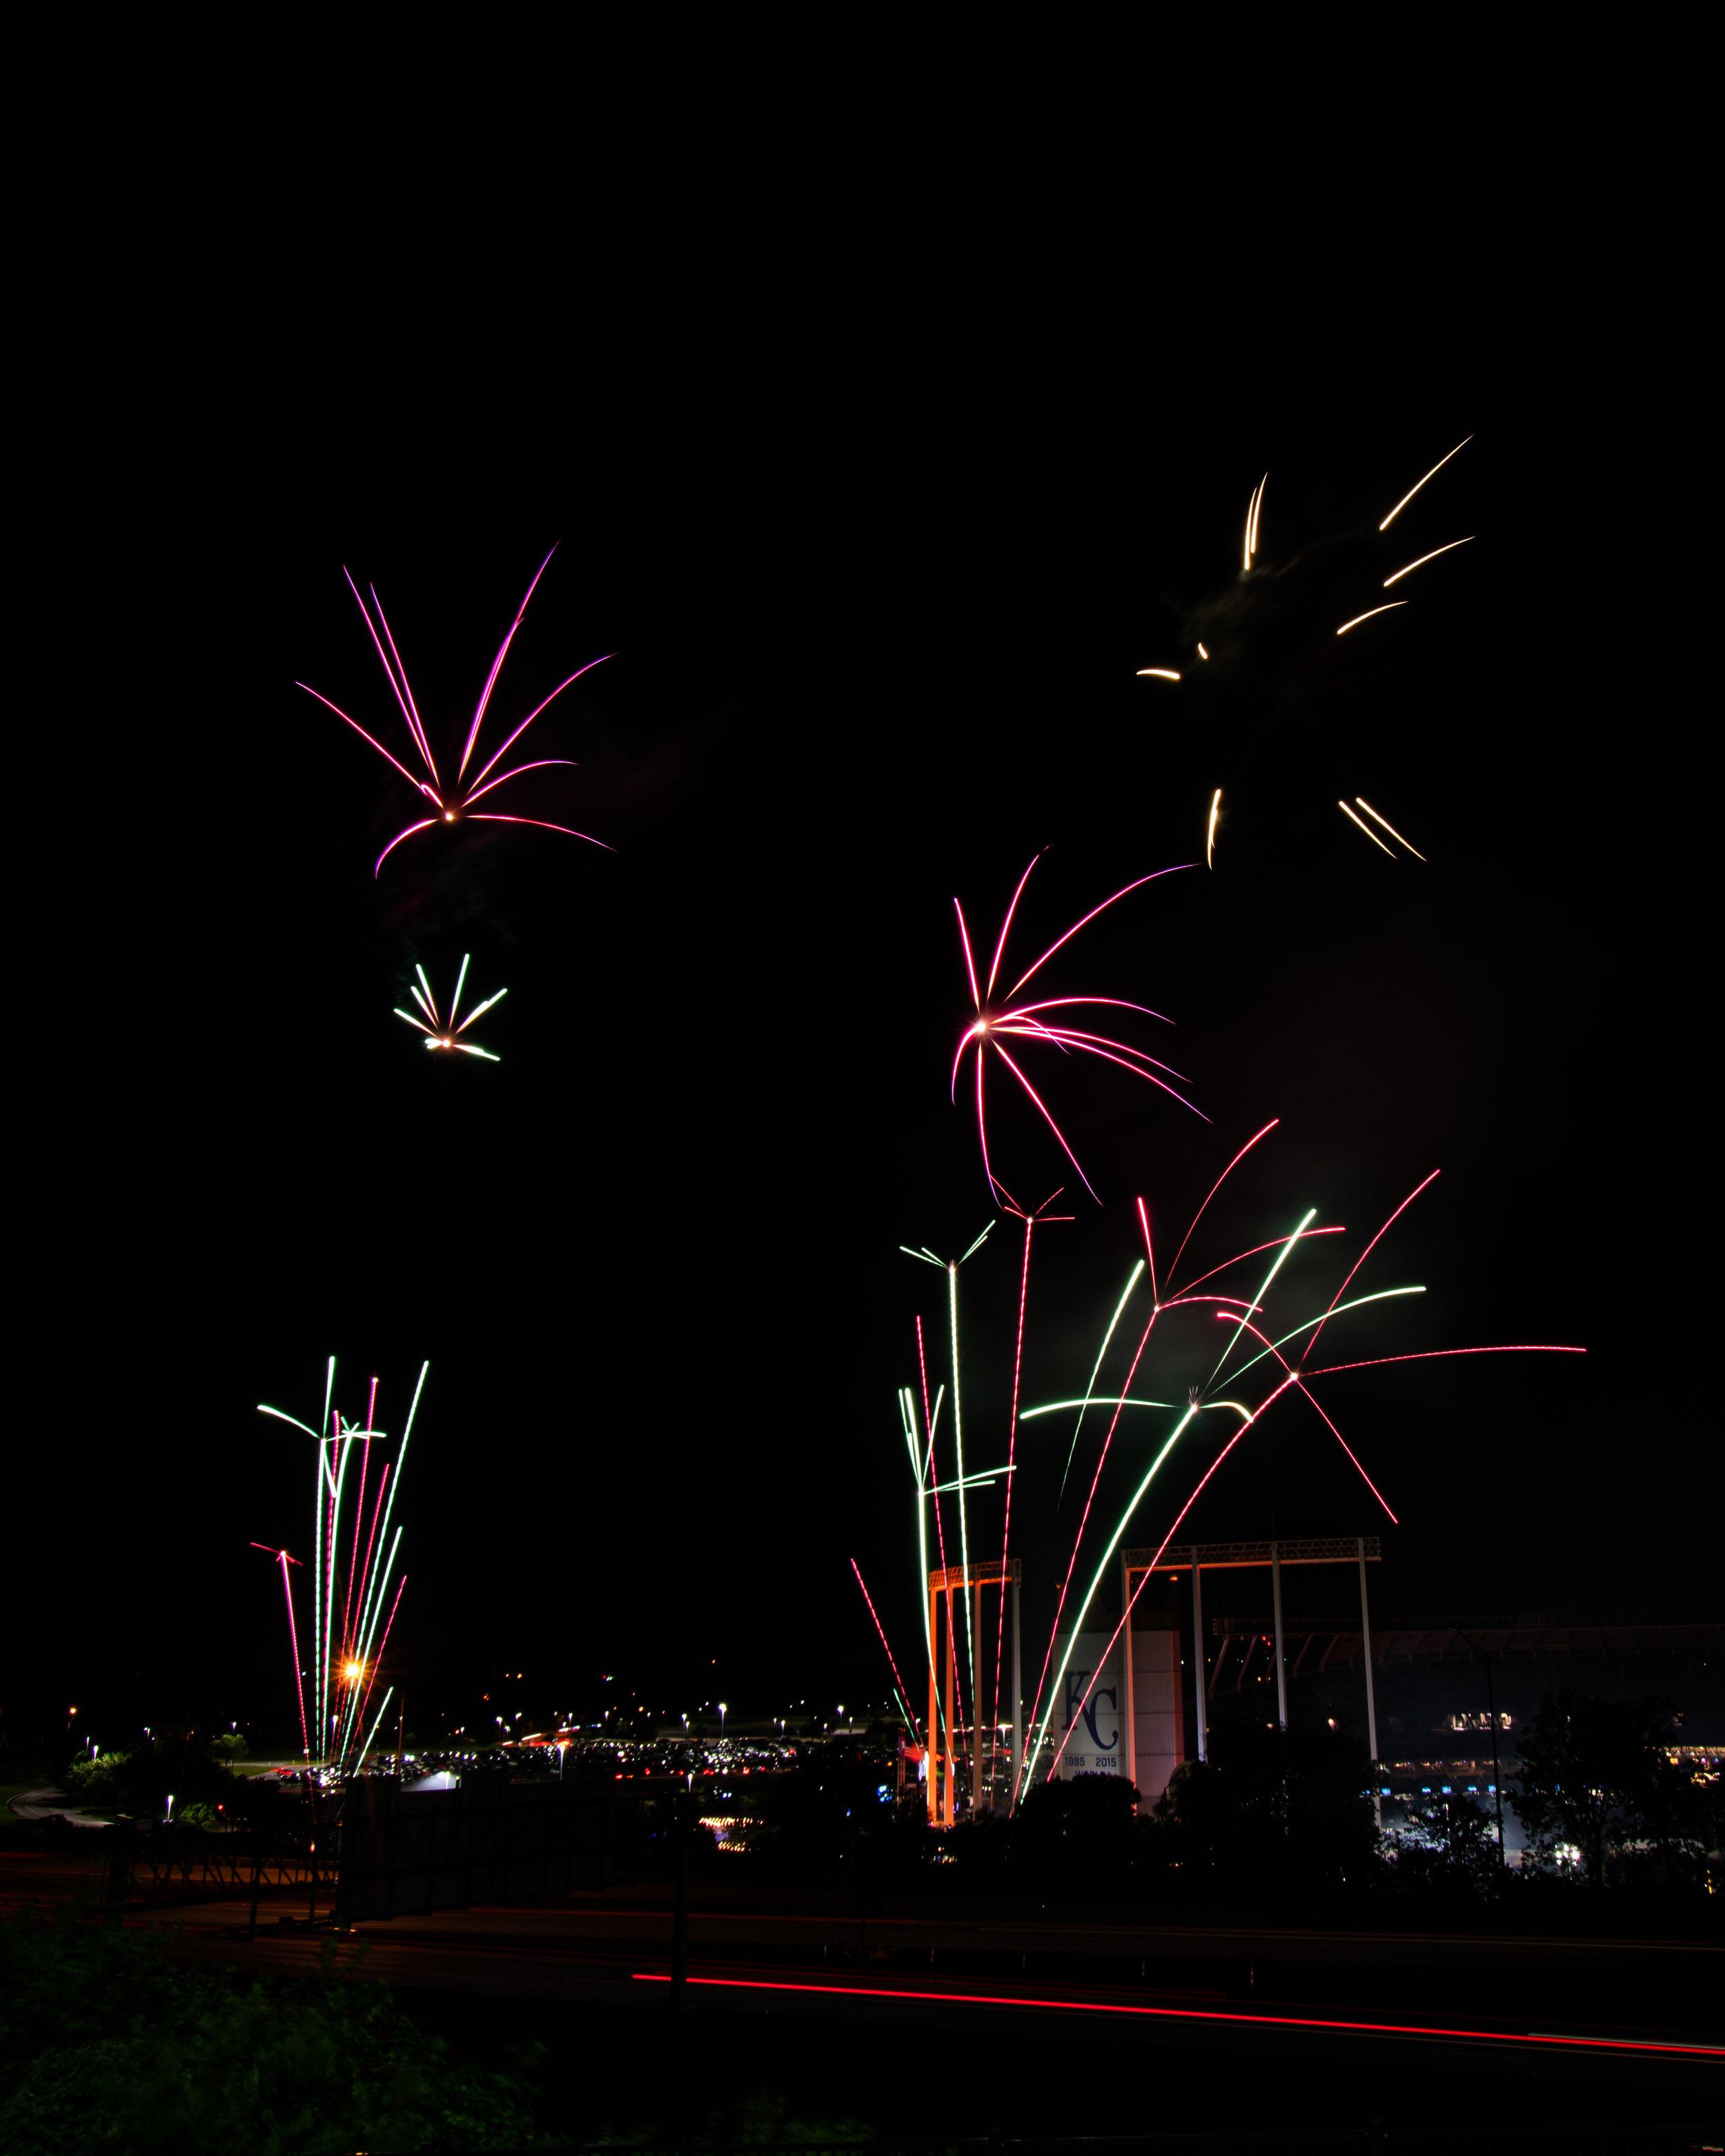 firework-friday-26-of-51_48108387522_o.jpg